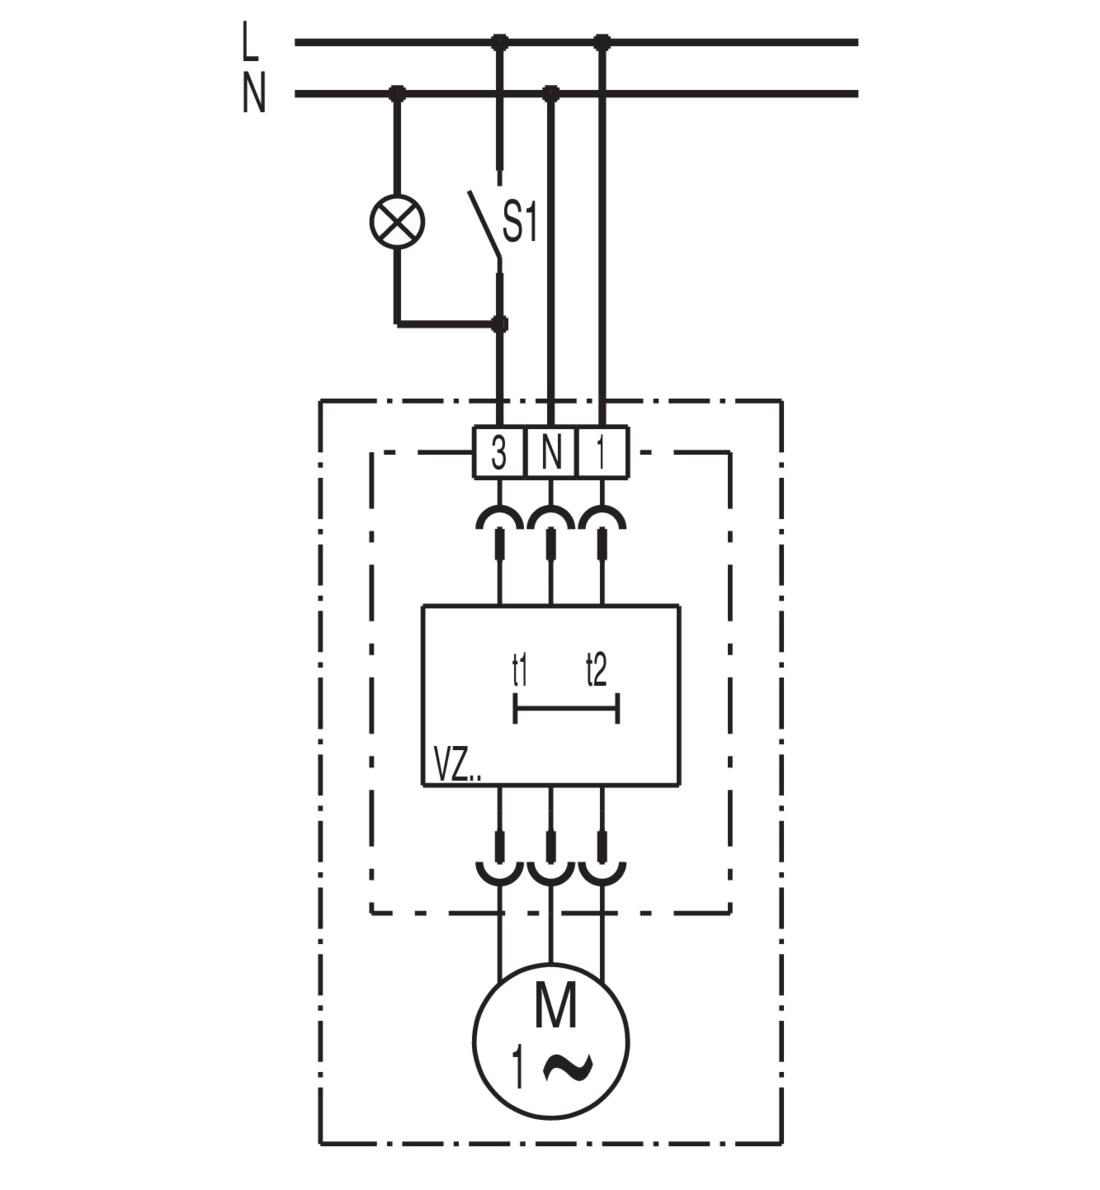 Maico Ventilatoreinsatz ER 60 VZ 62 m3//h mit Verzögerungszeitschalter 0084.0101